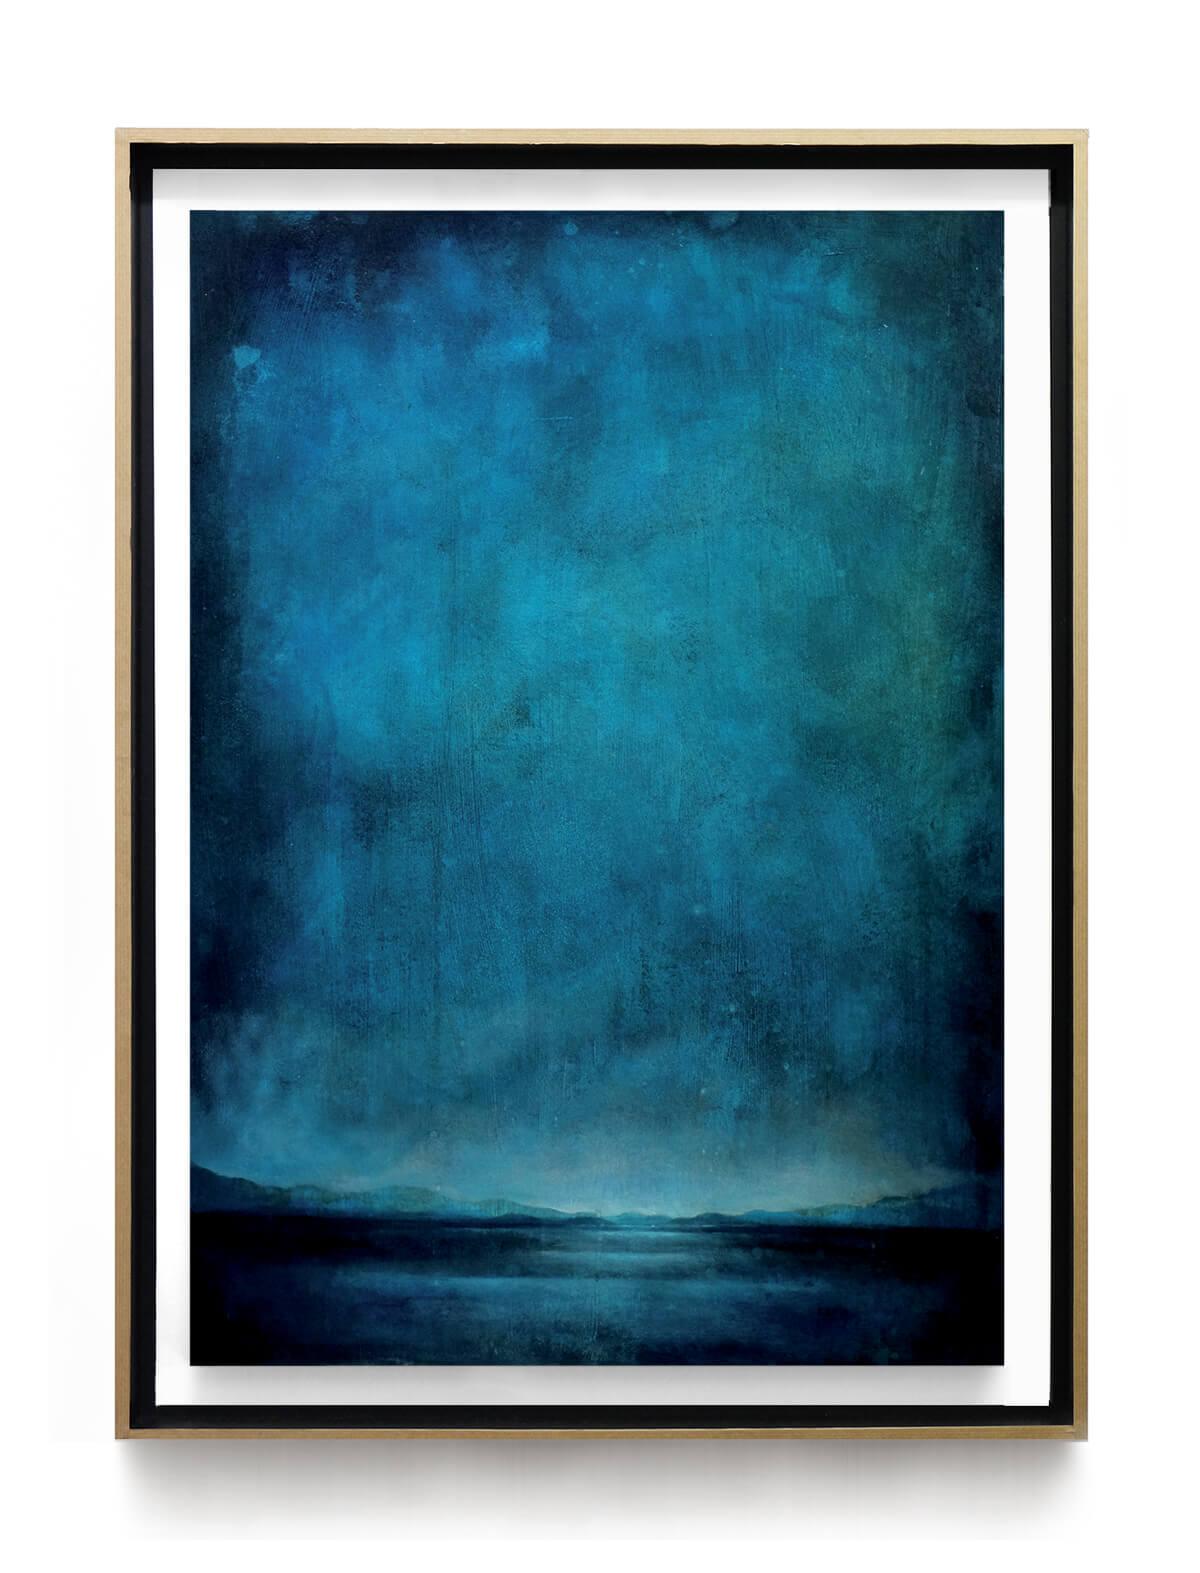 paysage_bleu_nuit_80x60cm_acrylique_et_encre_sur_carton_encadre_lightbox